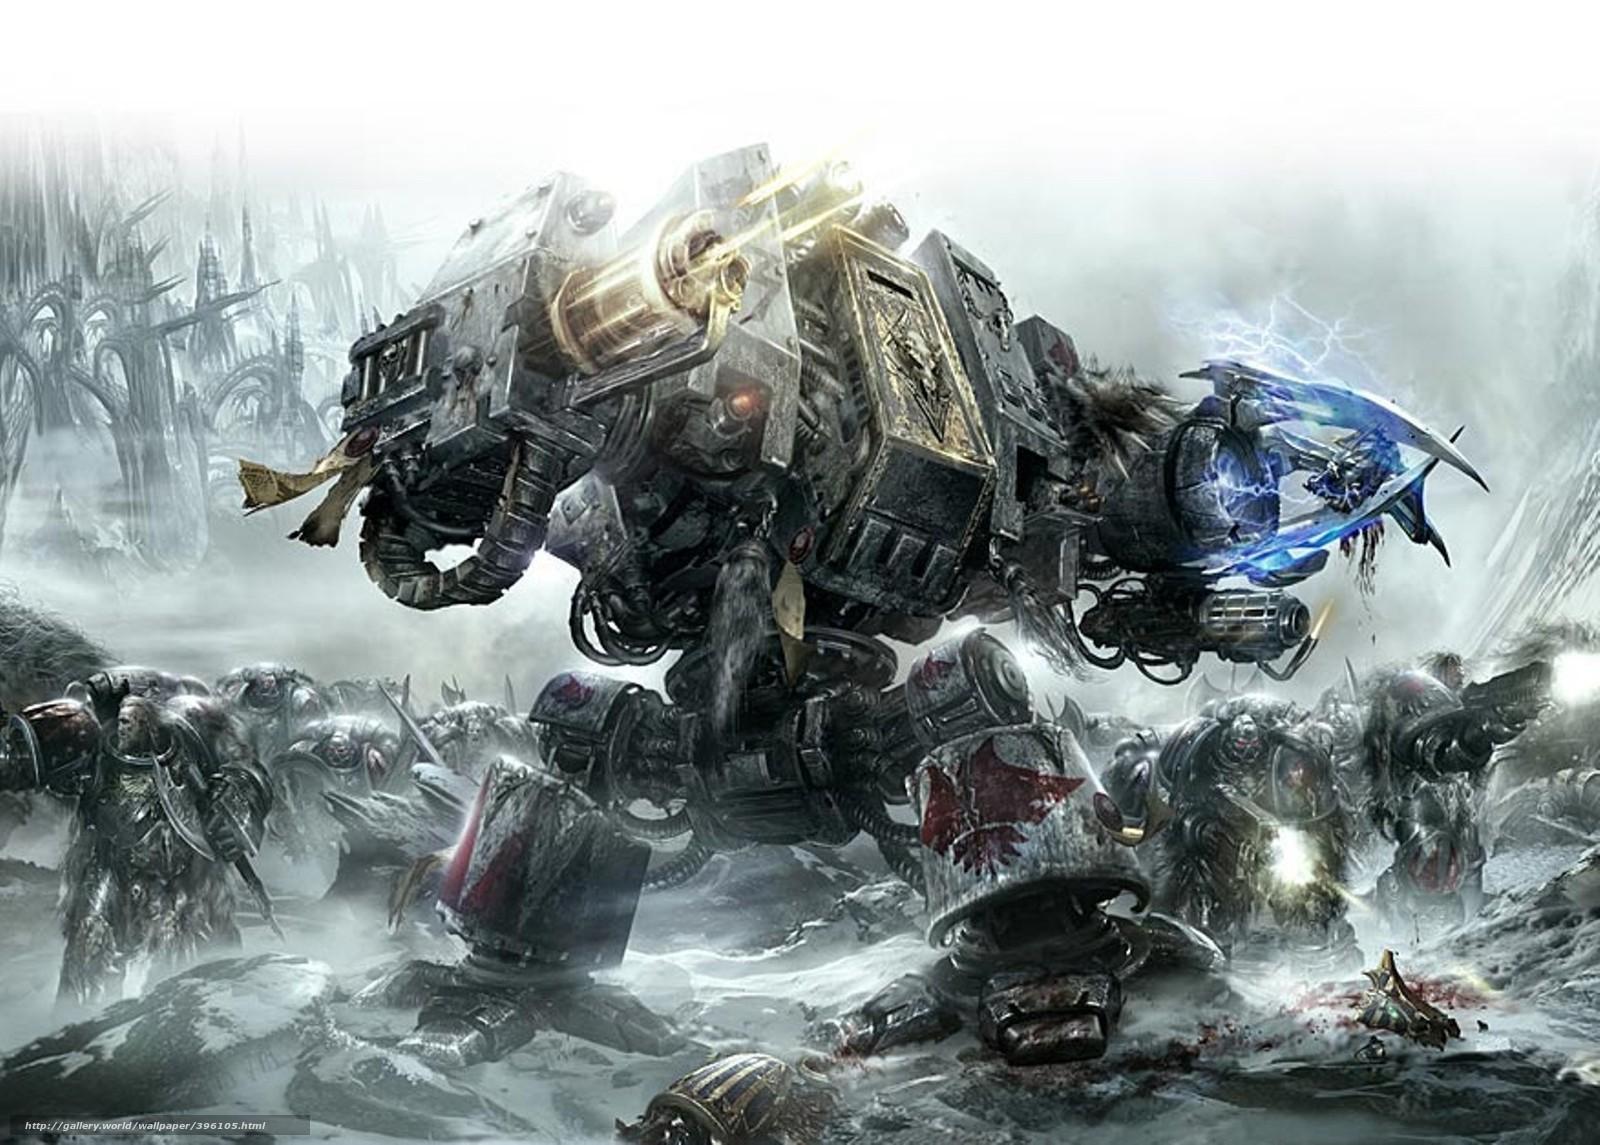 Tlcharger fond d'ecran warhammer, 40k, space wolves, jeu fonds d'ecran